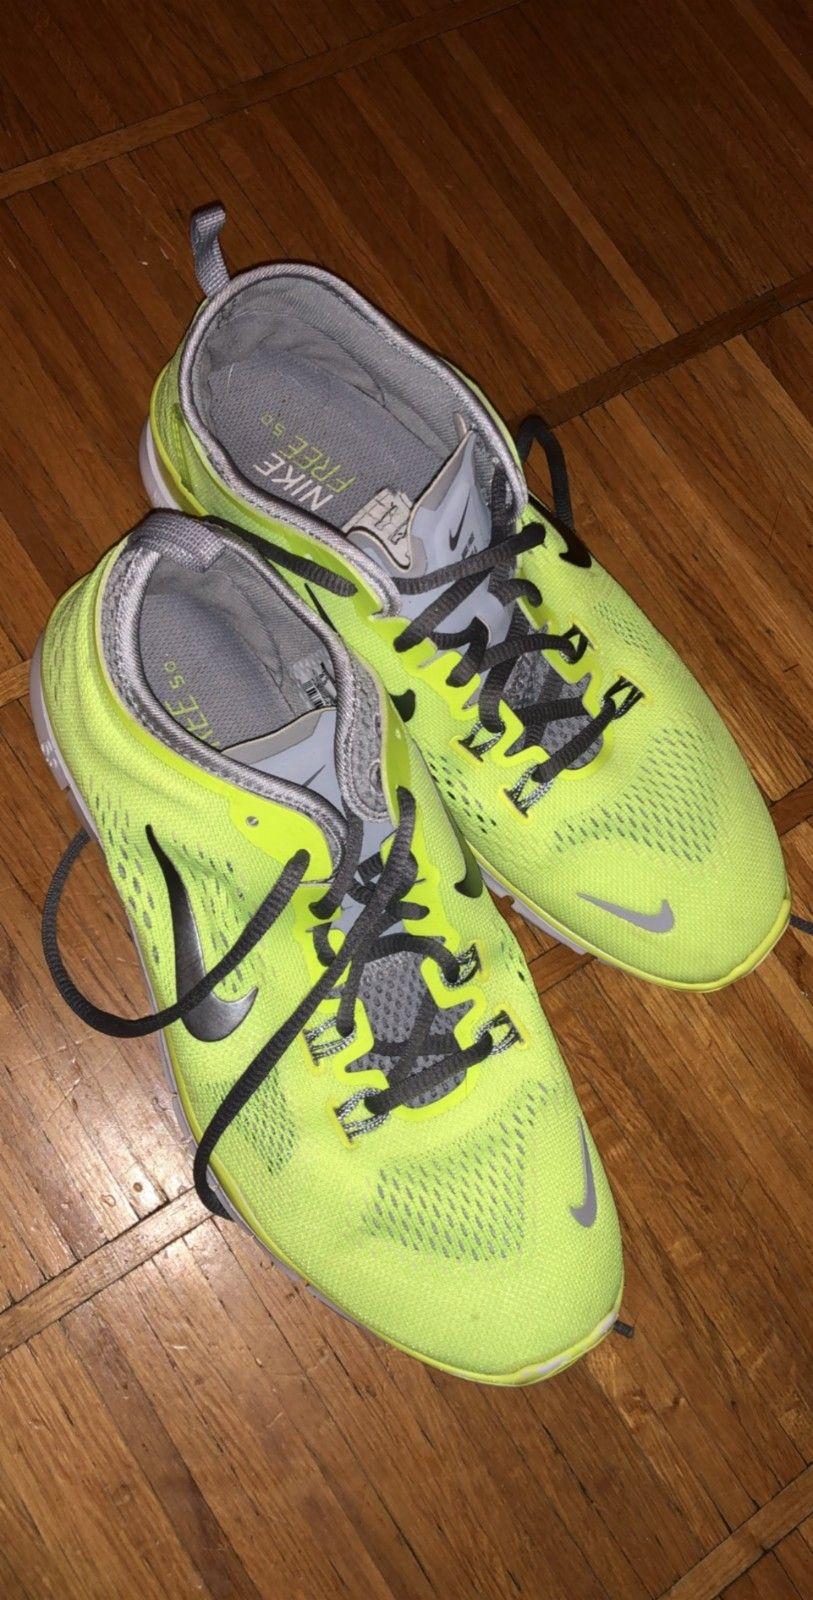 For 39 No 40 Str Nike Sko Finn H8pwwq Run Free XPuTilwOkZ